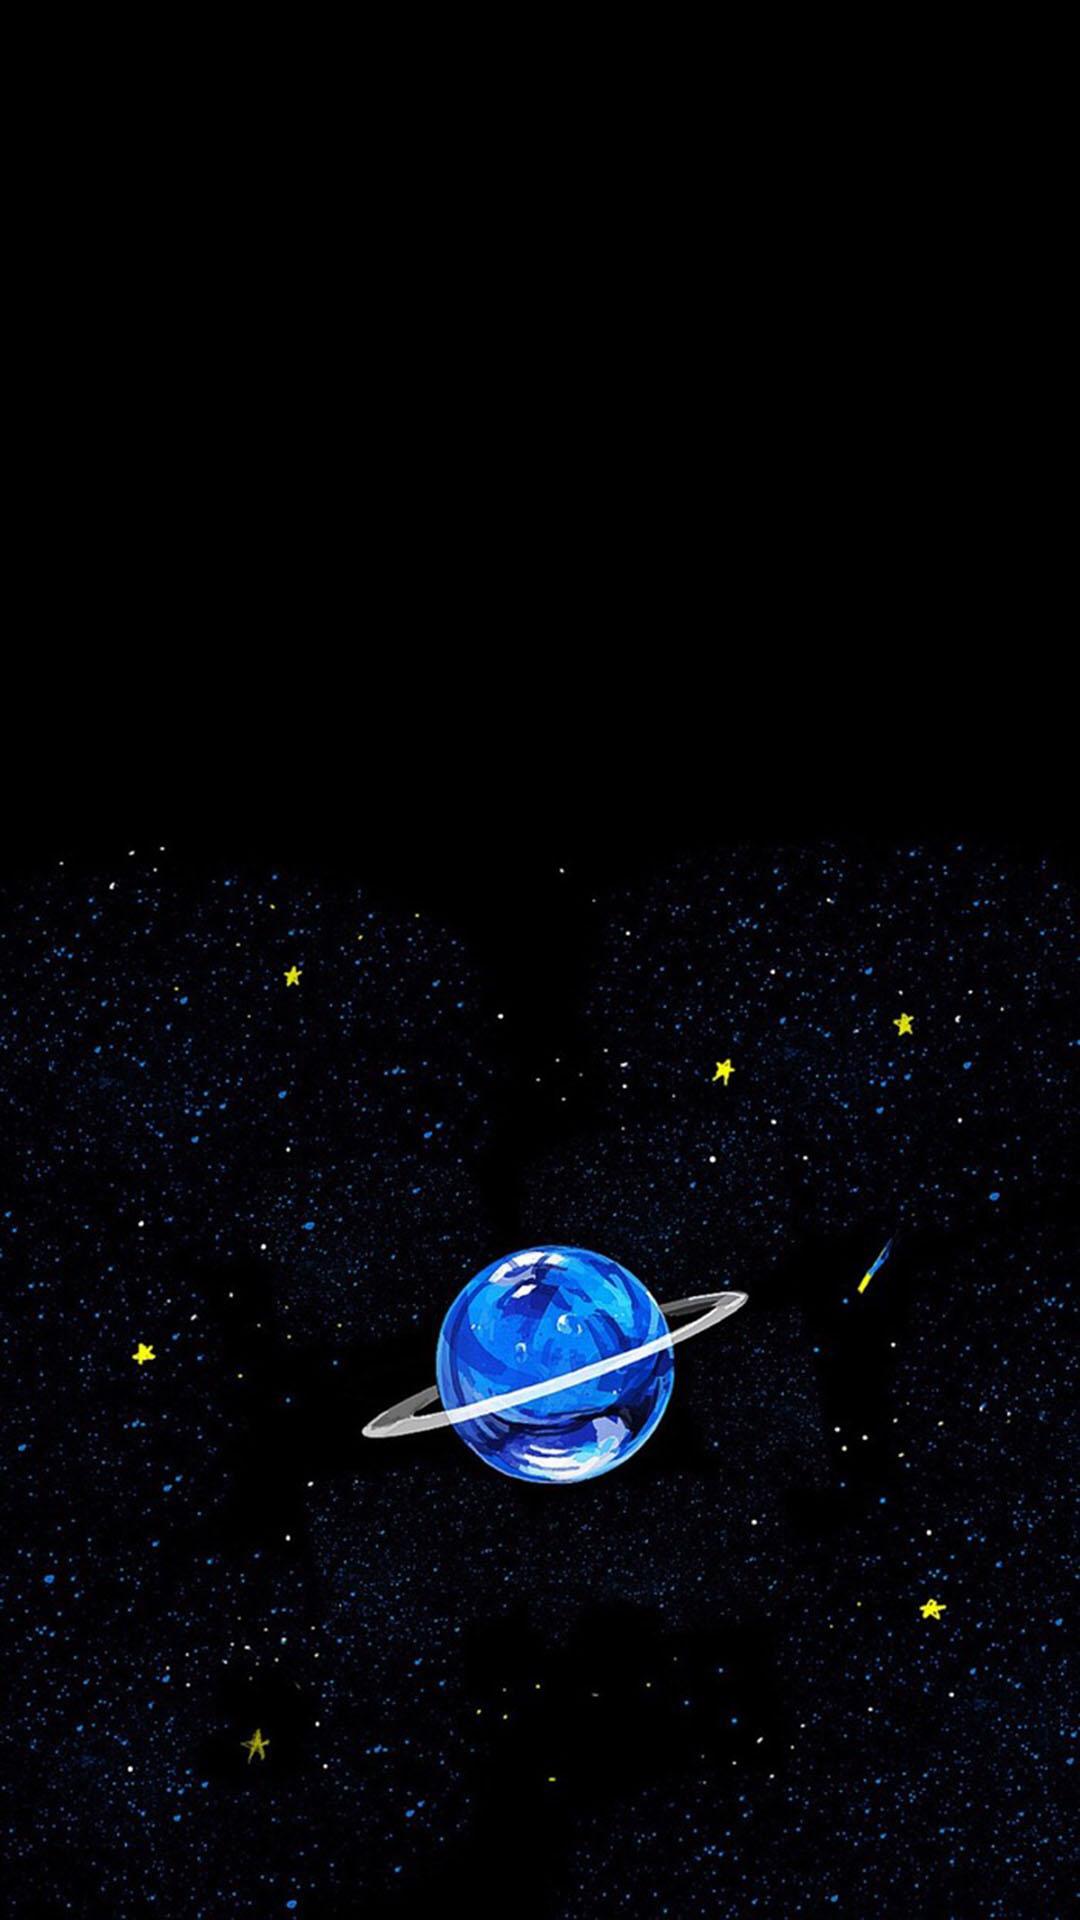 星空 手绘小行星 苹果手机高清壁纸 1080x1920_爱思